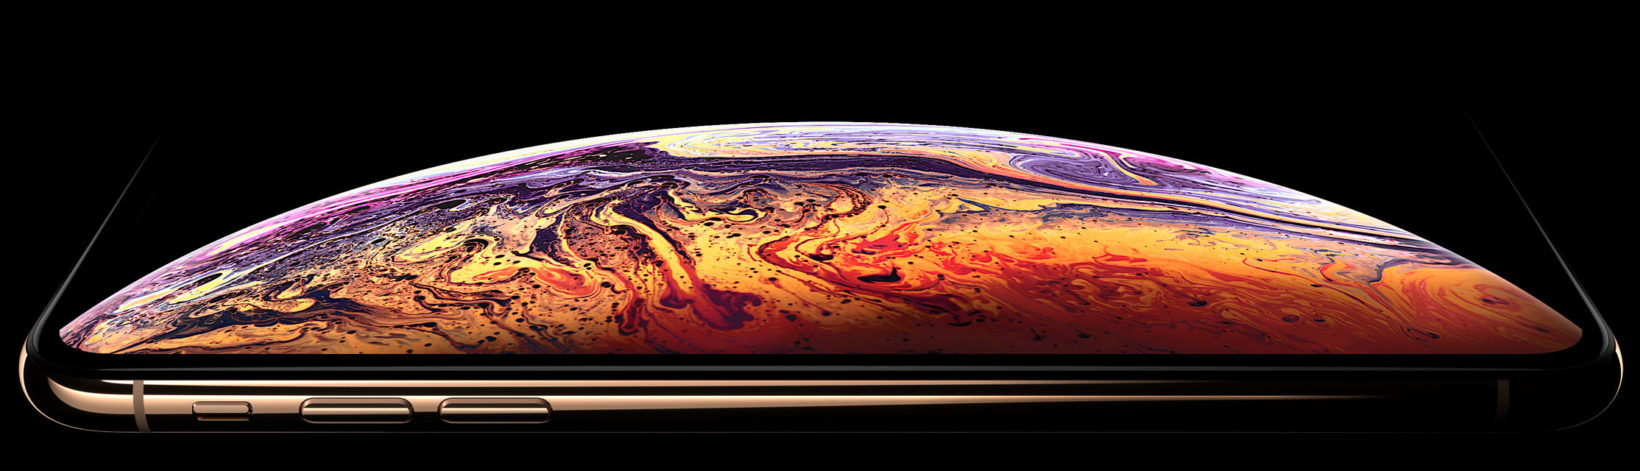 Tutto su iPhone Xs: design, tecnica, prezzi